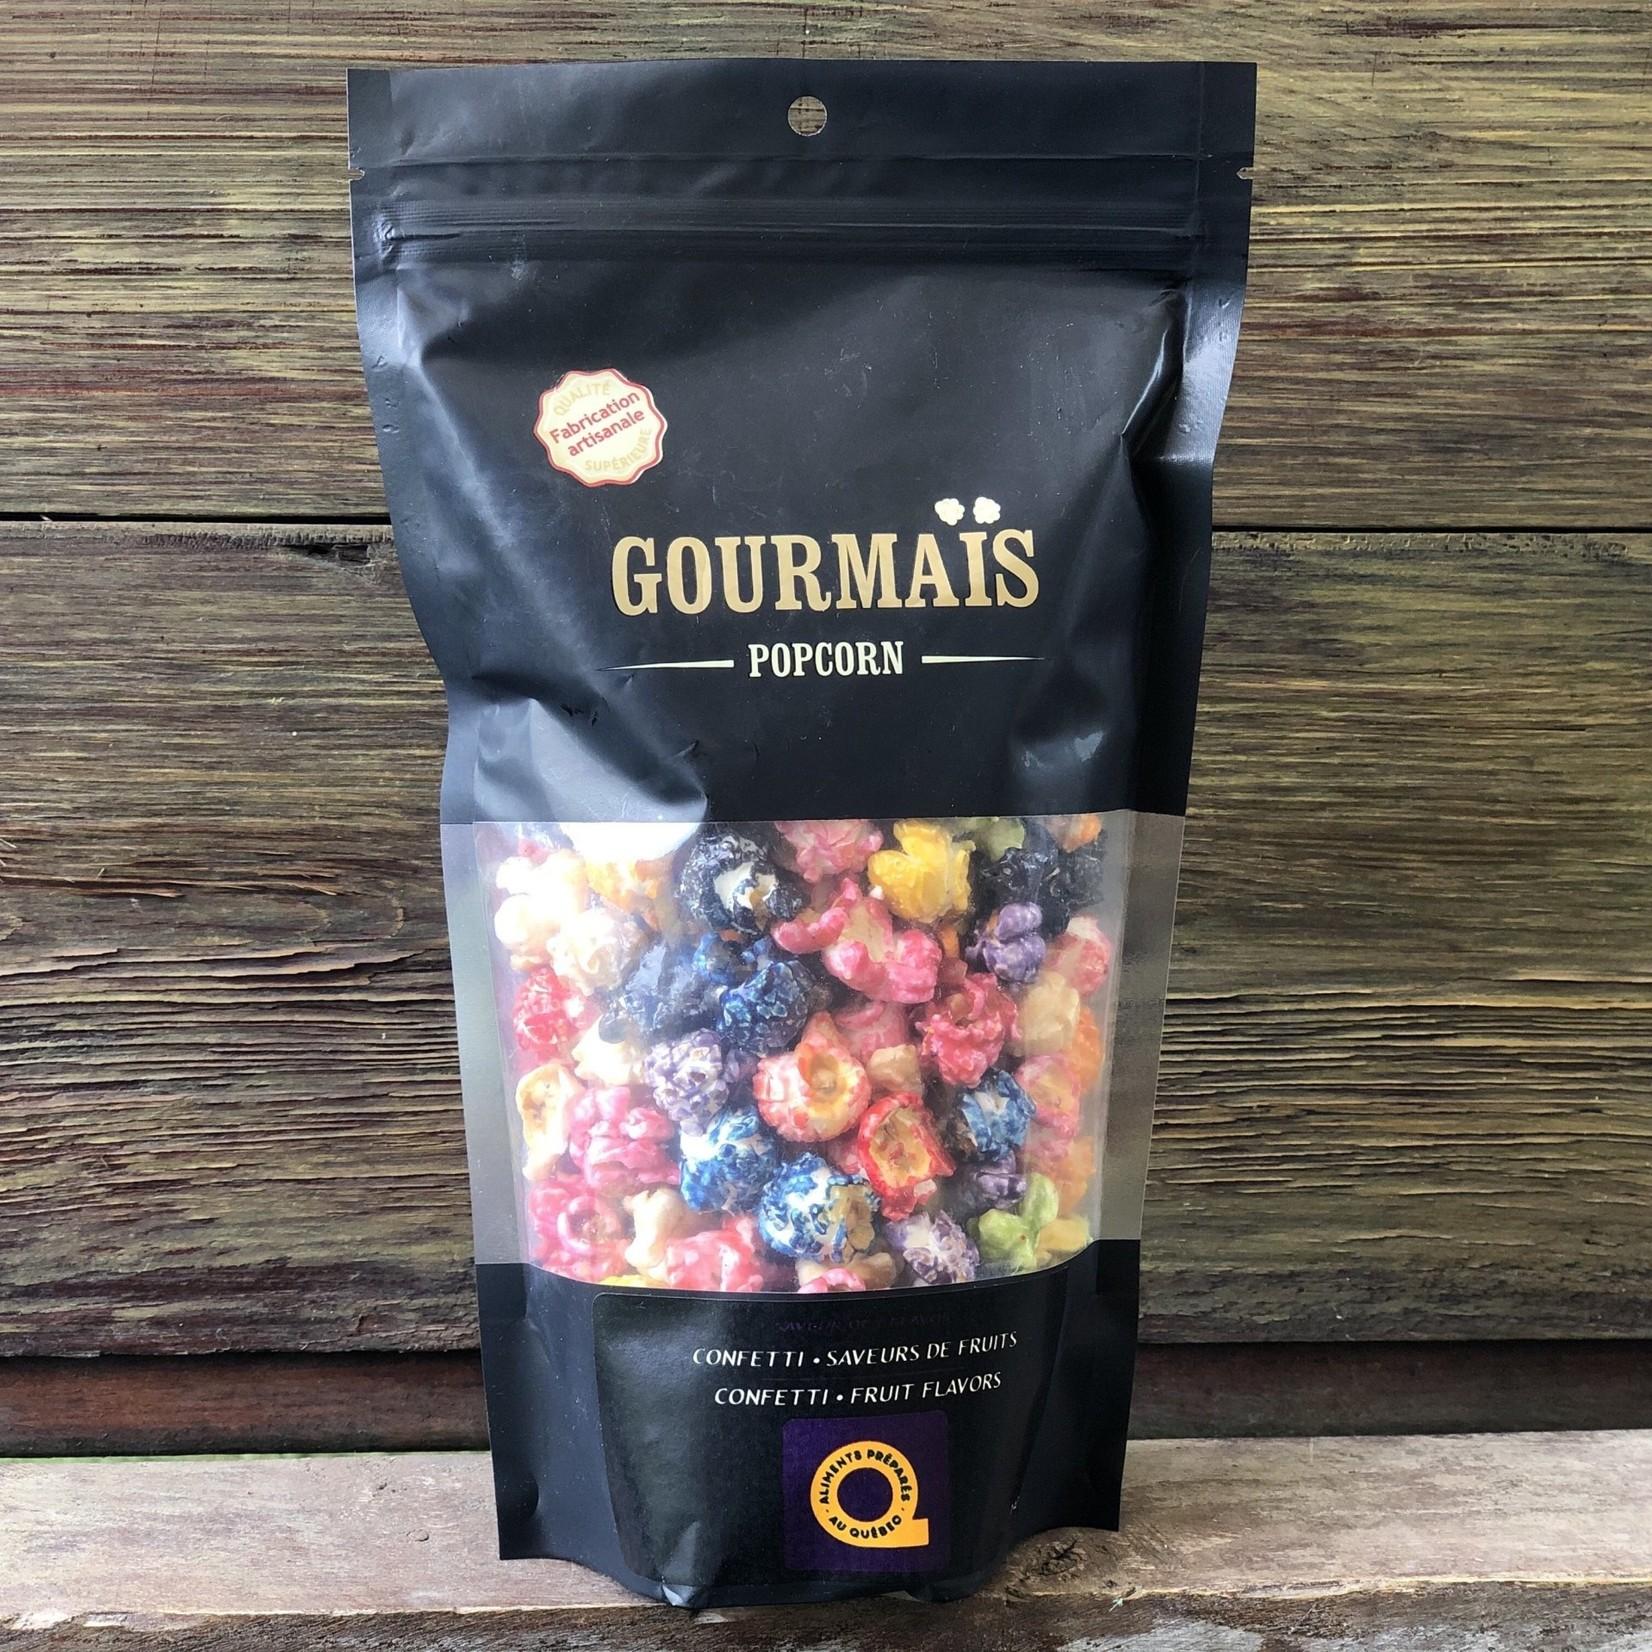 Popcorn Gourmais - Confetti